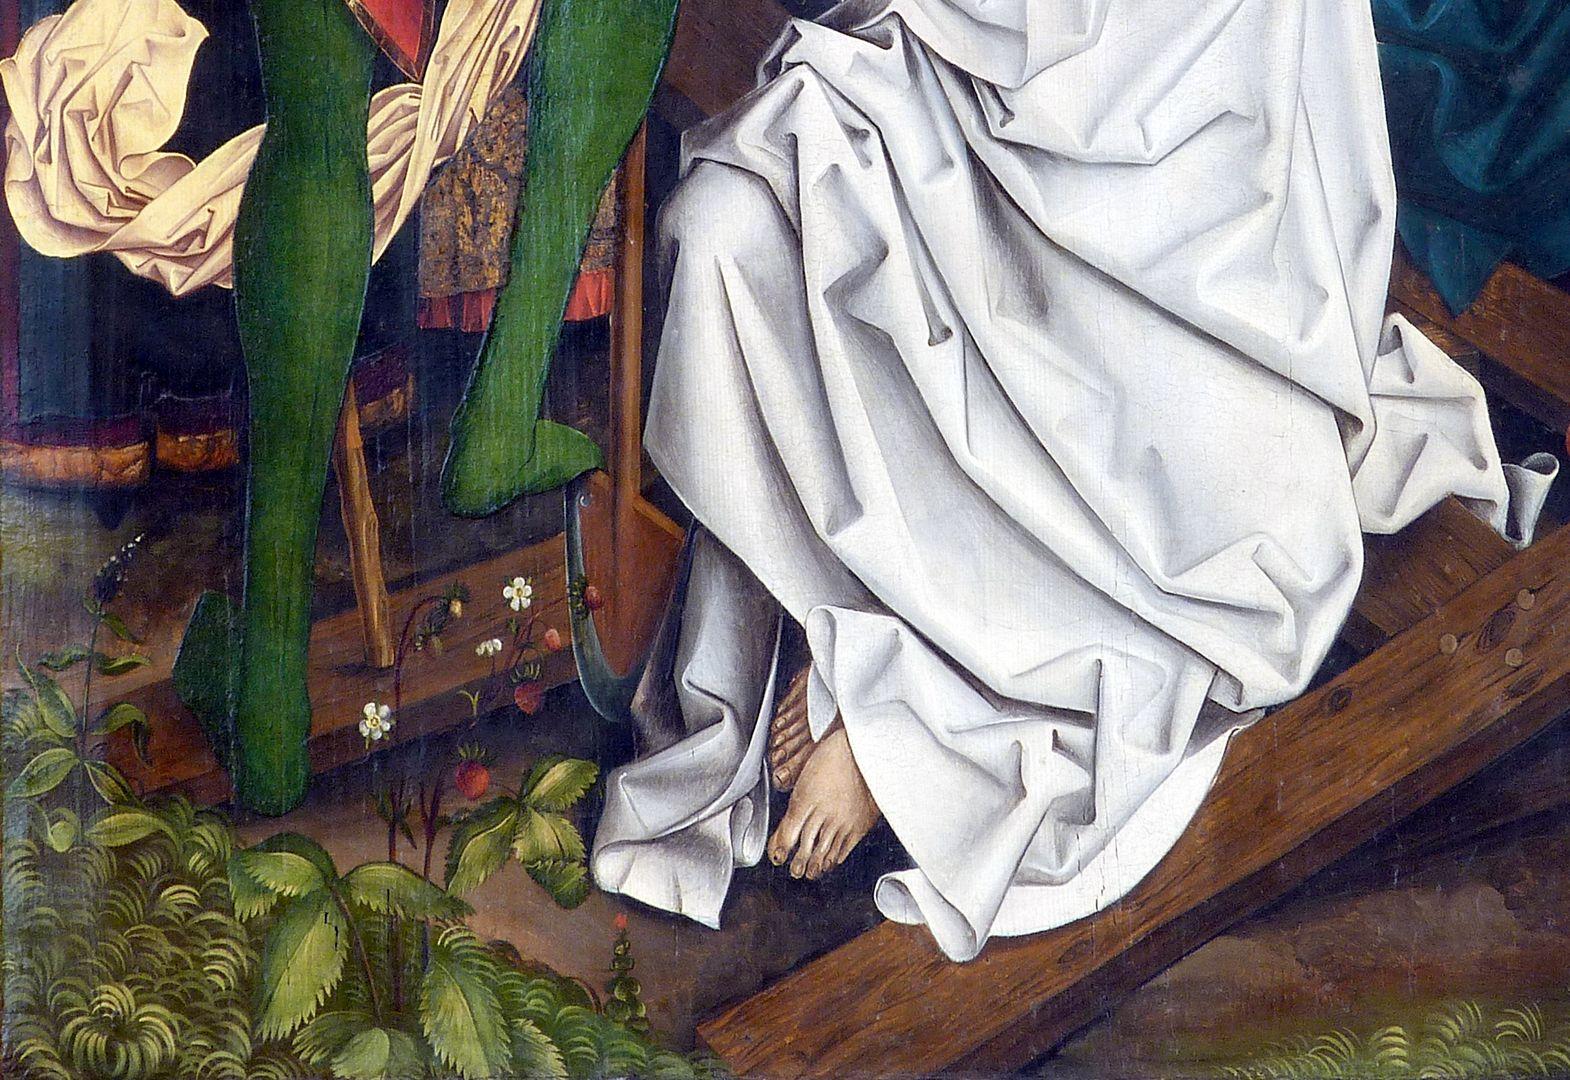 Katharinenretabel des Levinus Memminger rechte Flügelinnenseite: Detail mit Erdbeerpflanzen, Schaufel und der unteren Partie des wiedererweckten Toten